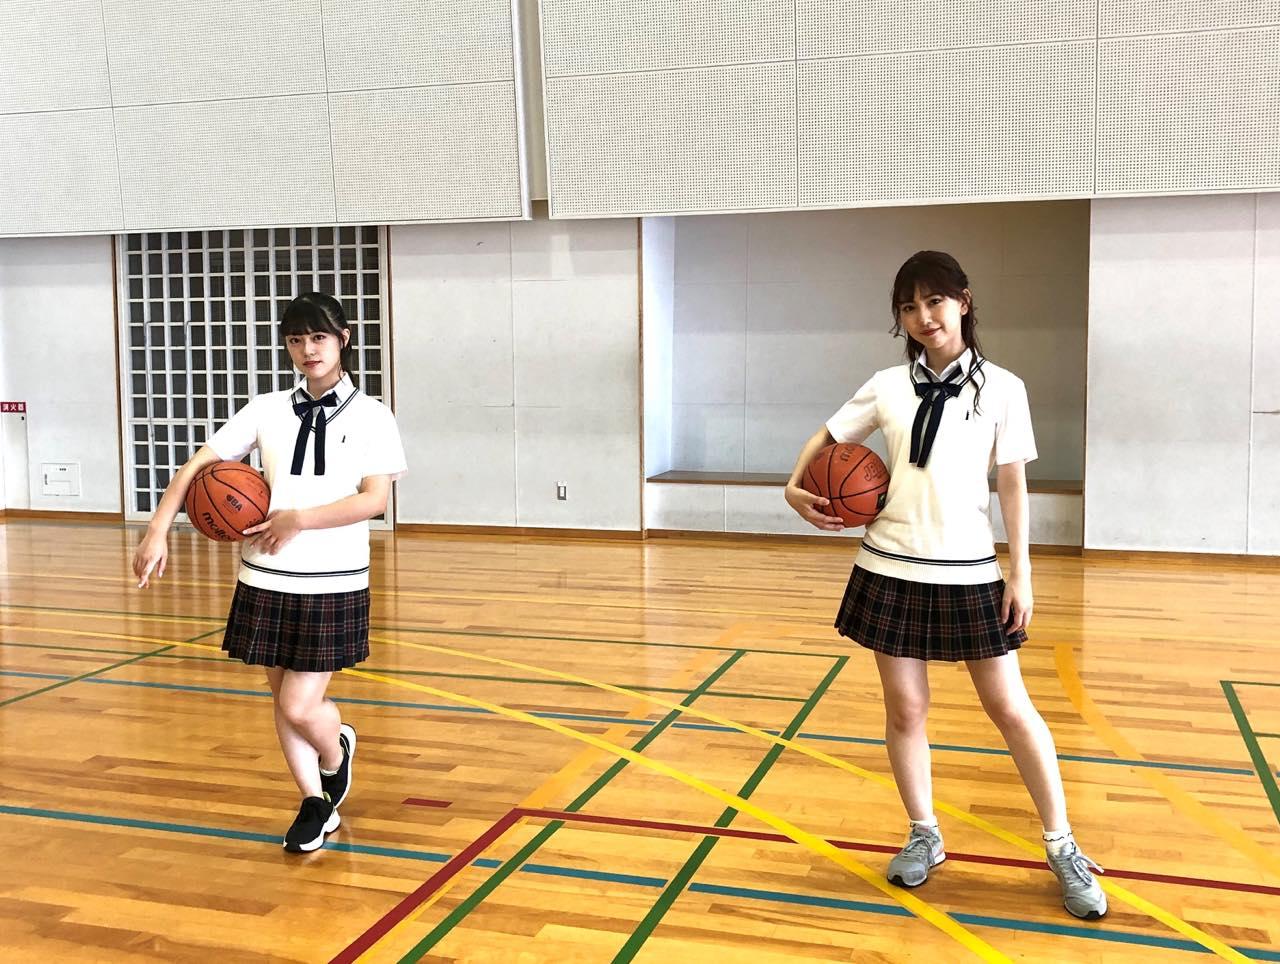 「SKE48は君と歌いたい」竹内彩姫&熊崎晴香がウィングアリーナ刈谷を訪れる②【東海テレビ】